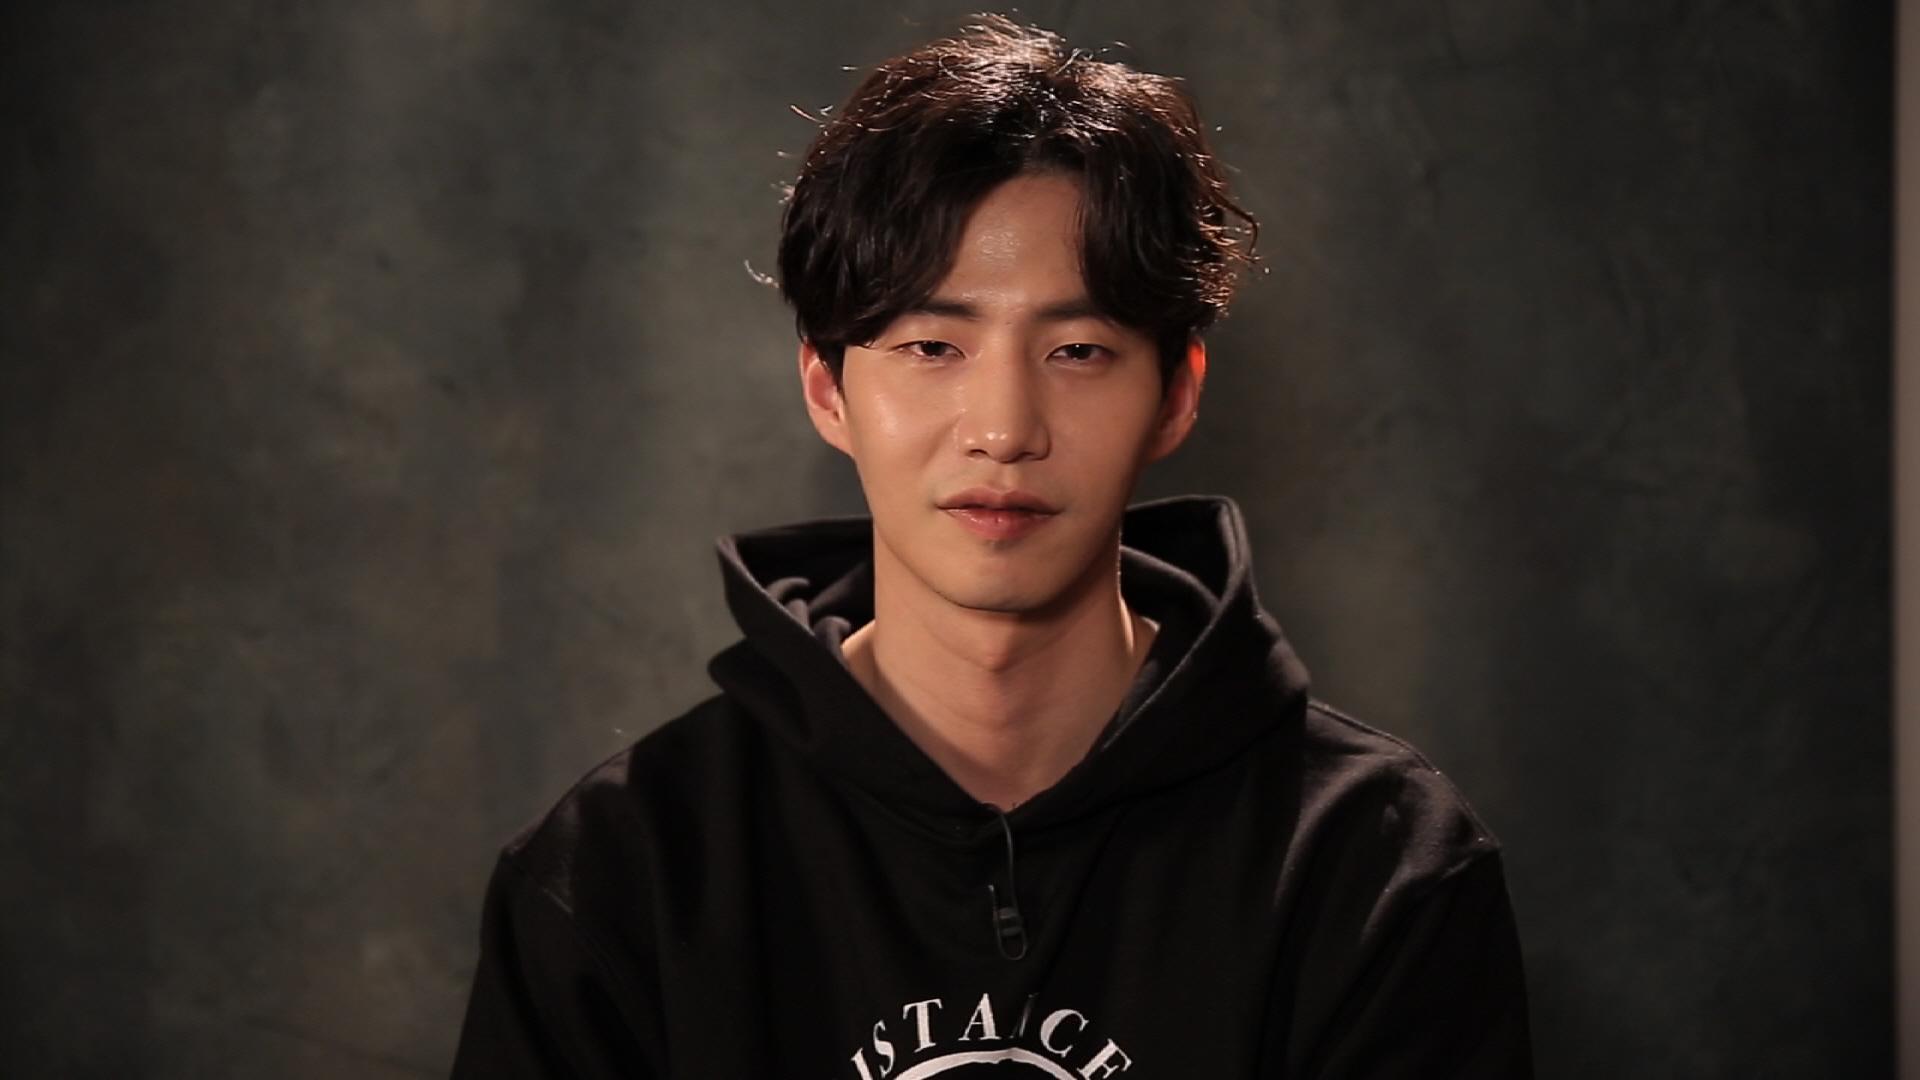 <크라임씬3> 스페셜 방송 확정, '우리 갑돌이~' 송재림 깜짝 출연!